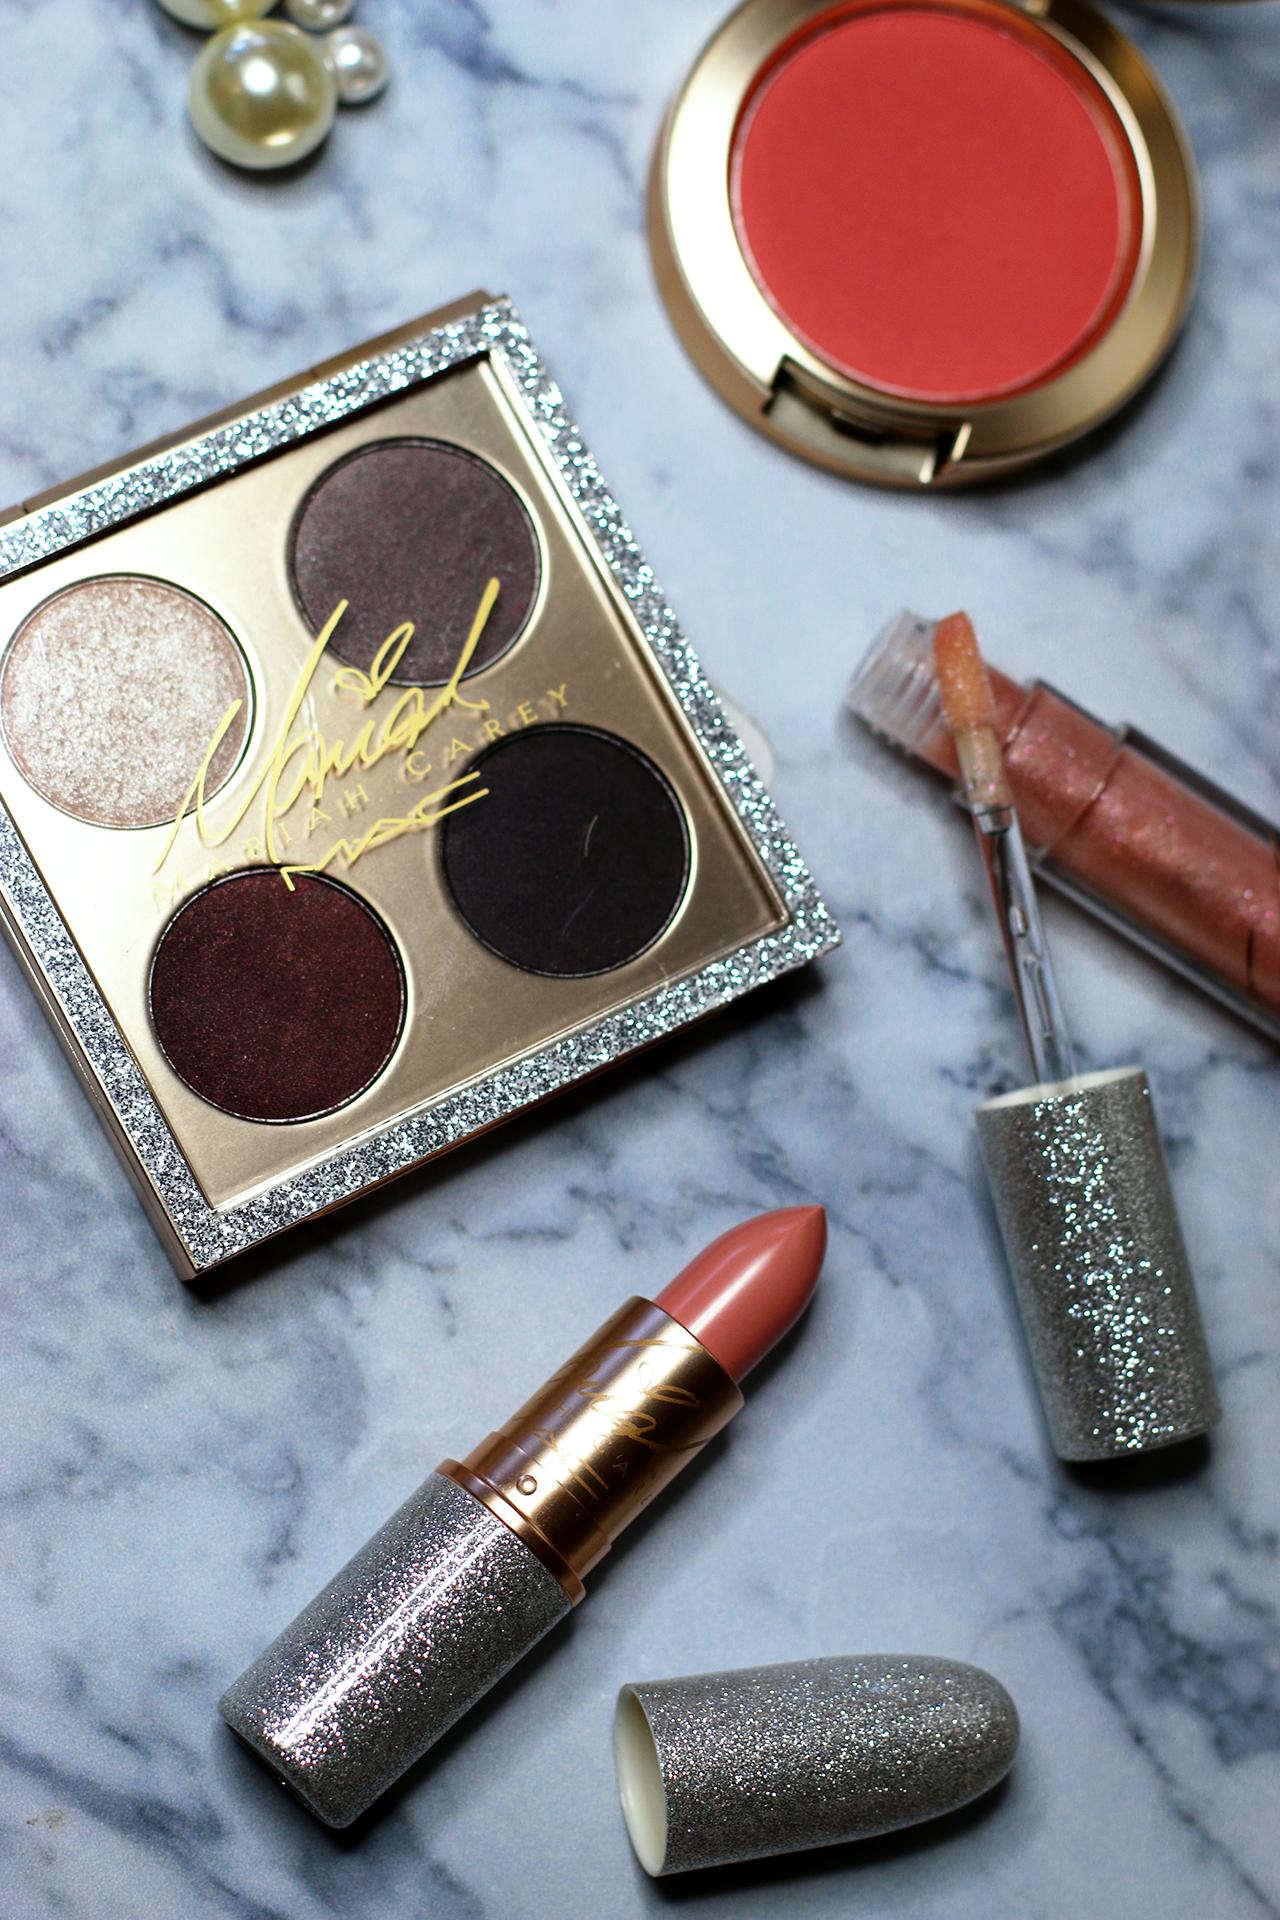 MAC Cosmetics Mariah Carey Collection